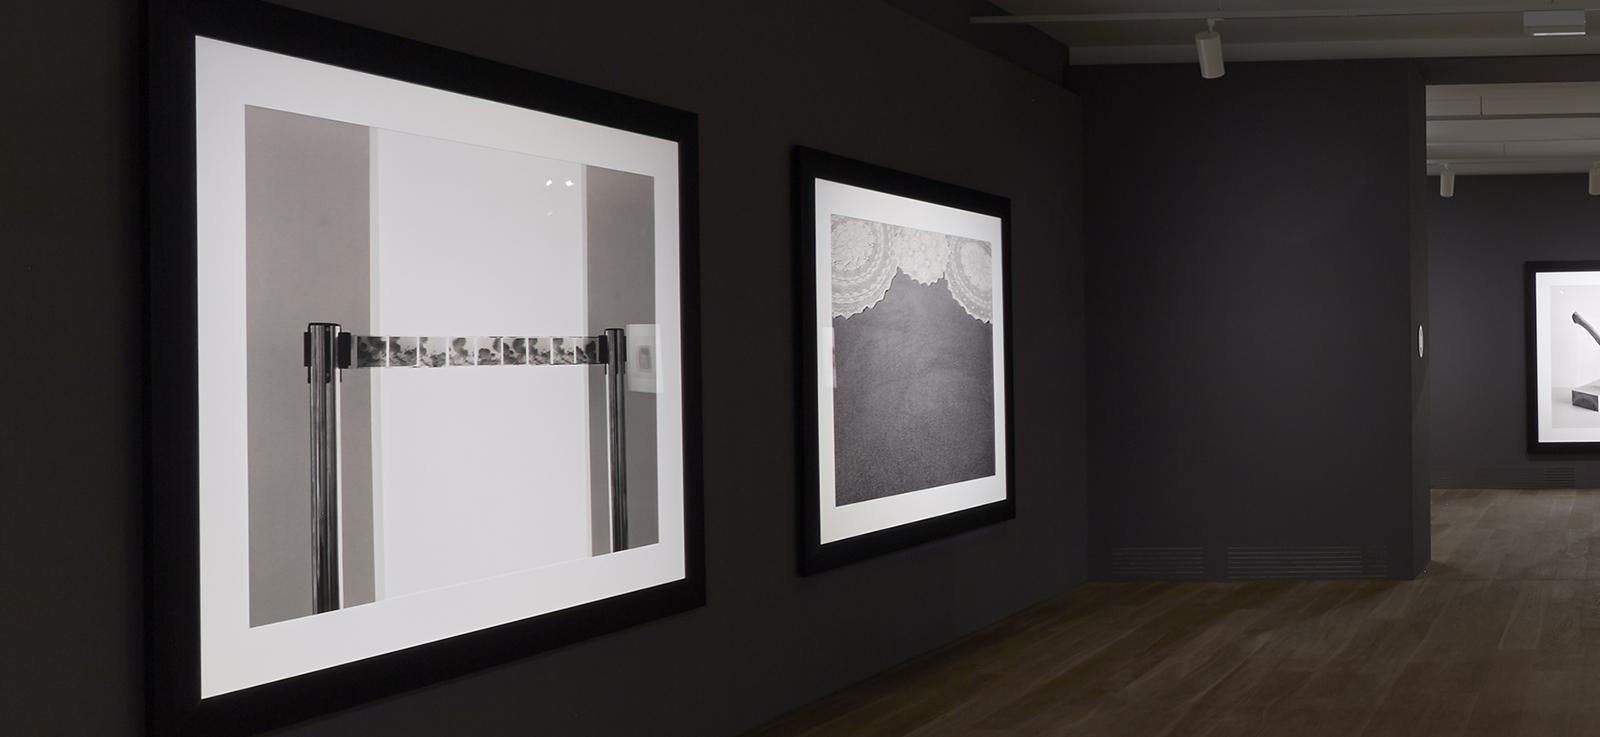 Exposición El viajero inmóvil, de Chema Madoz, en el Museo de Bellas Artes de Asturias. Fotografía: Marcos Morilla